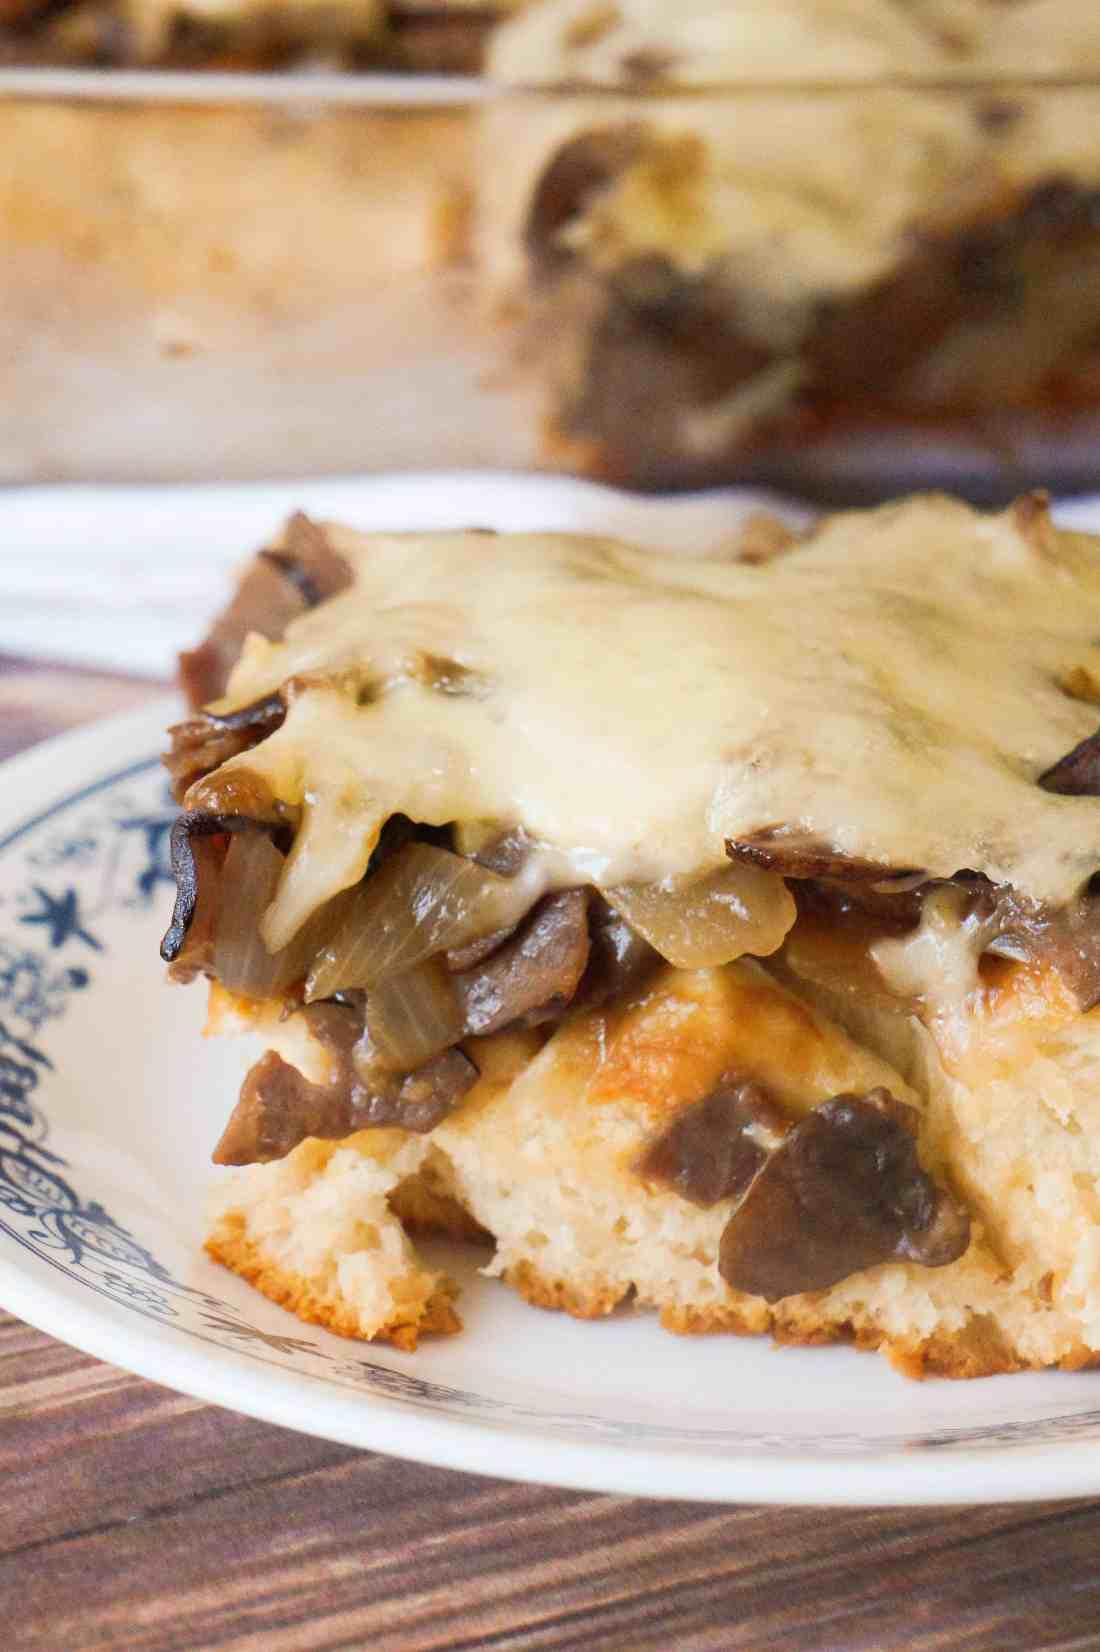 Mushroom Swiss Roast Beef Biscuit Bake is an easy beef dinner recipe.